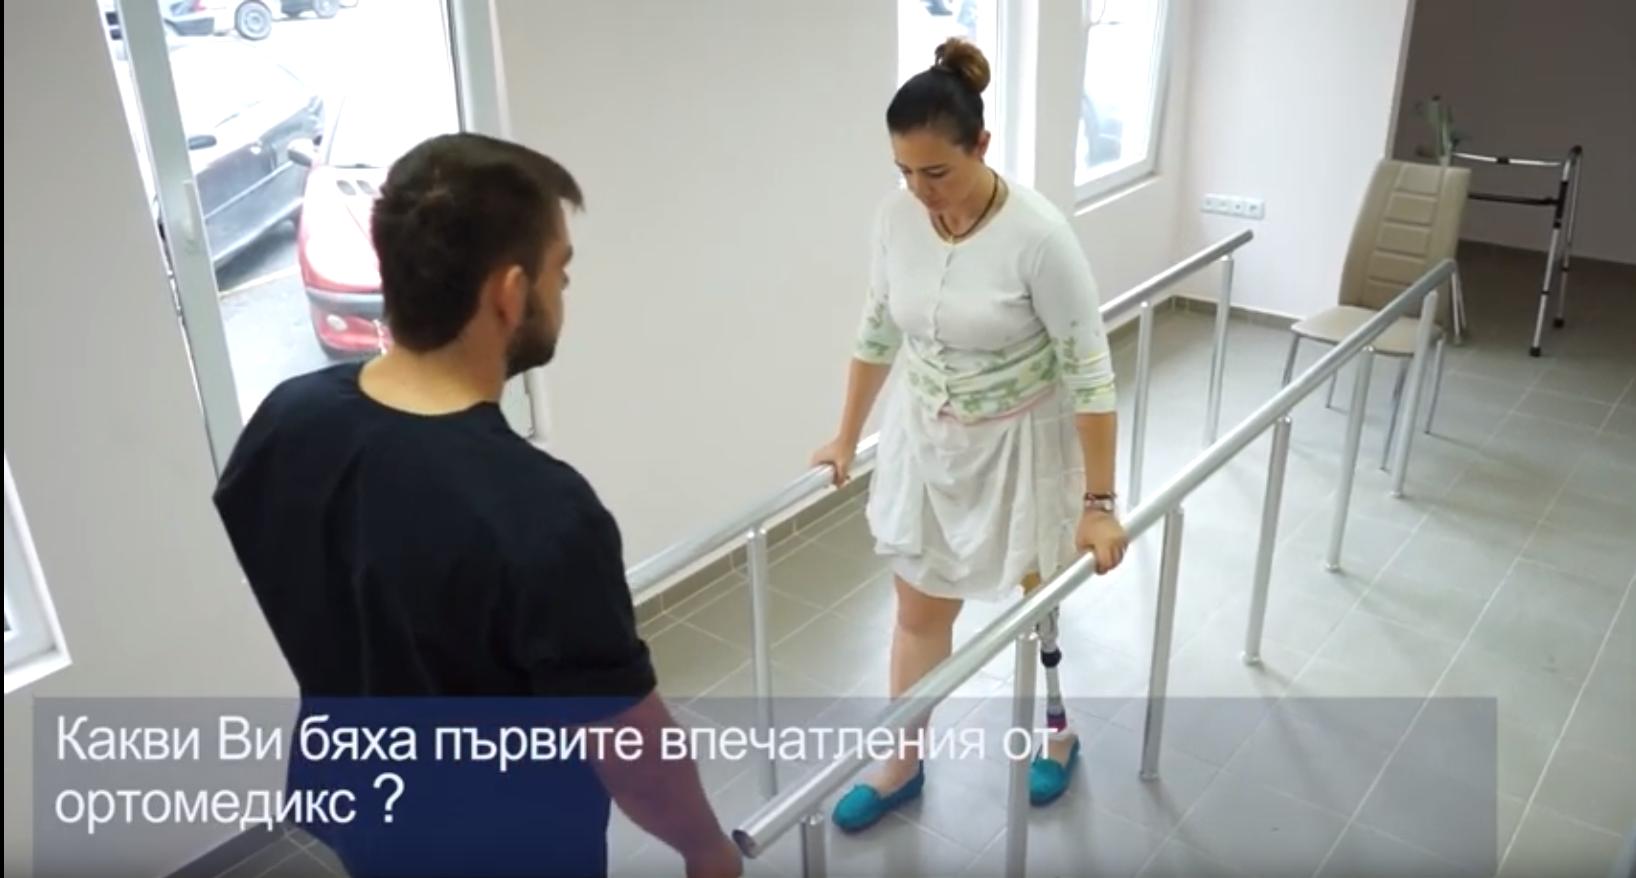 Процесът на опознаване с протезата - Ортомедикс